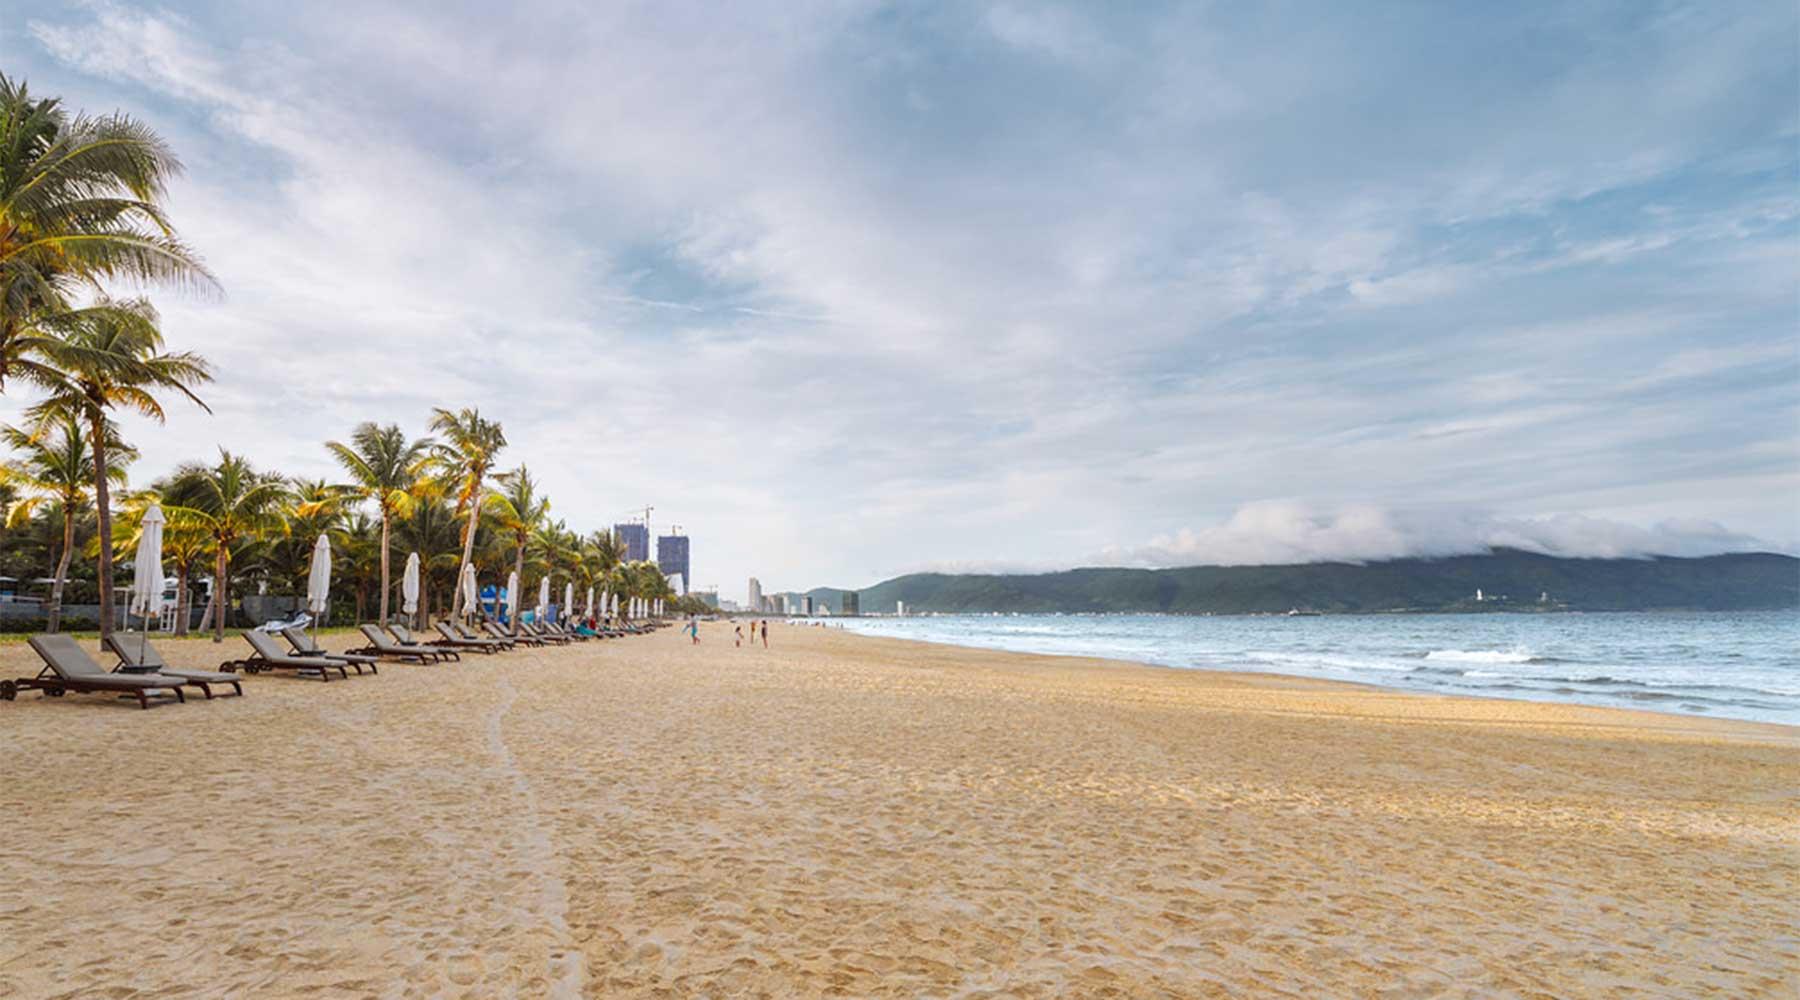 bãi biển đẹp tại đà nẵng